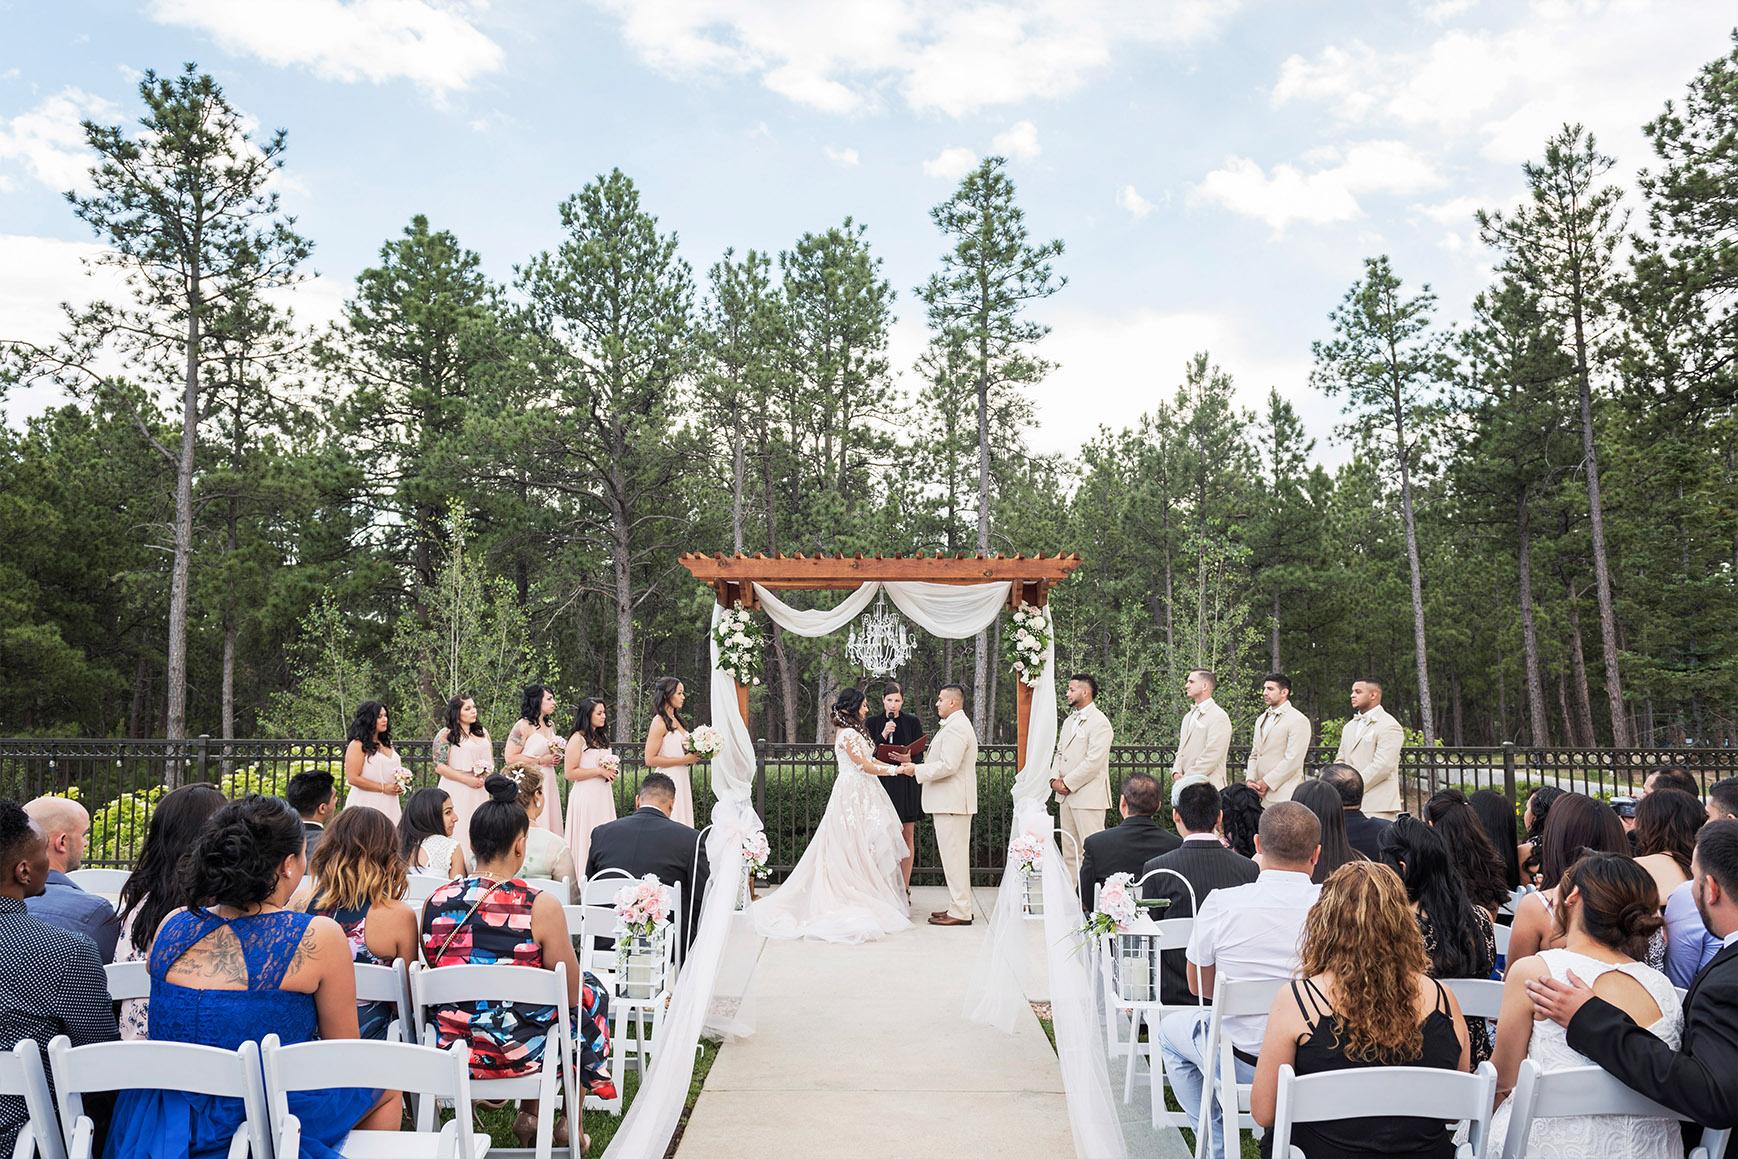 Ceremony - Black Forest - Colorado Springs, Colorado - El Paso County - Wedgewood Weddings